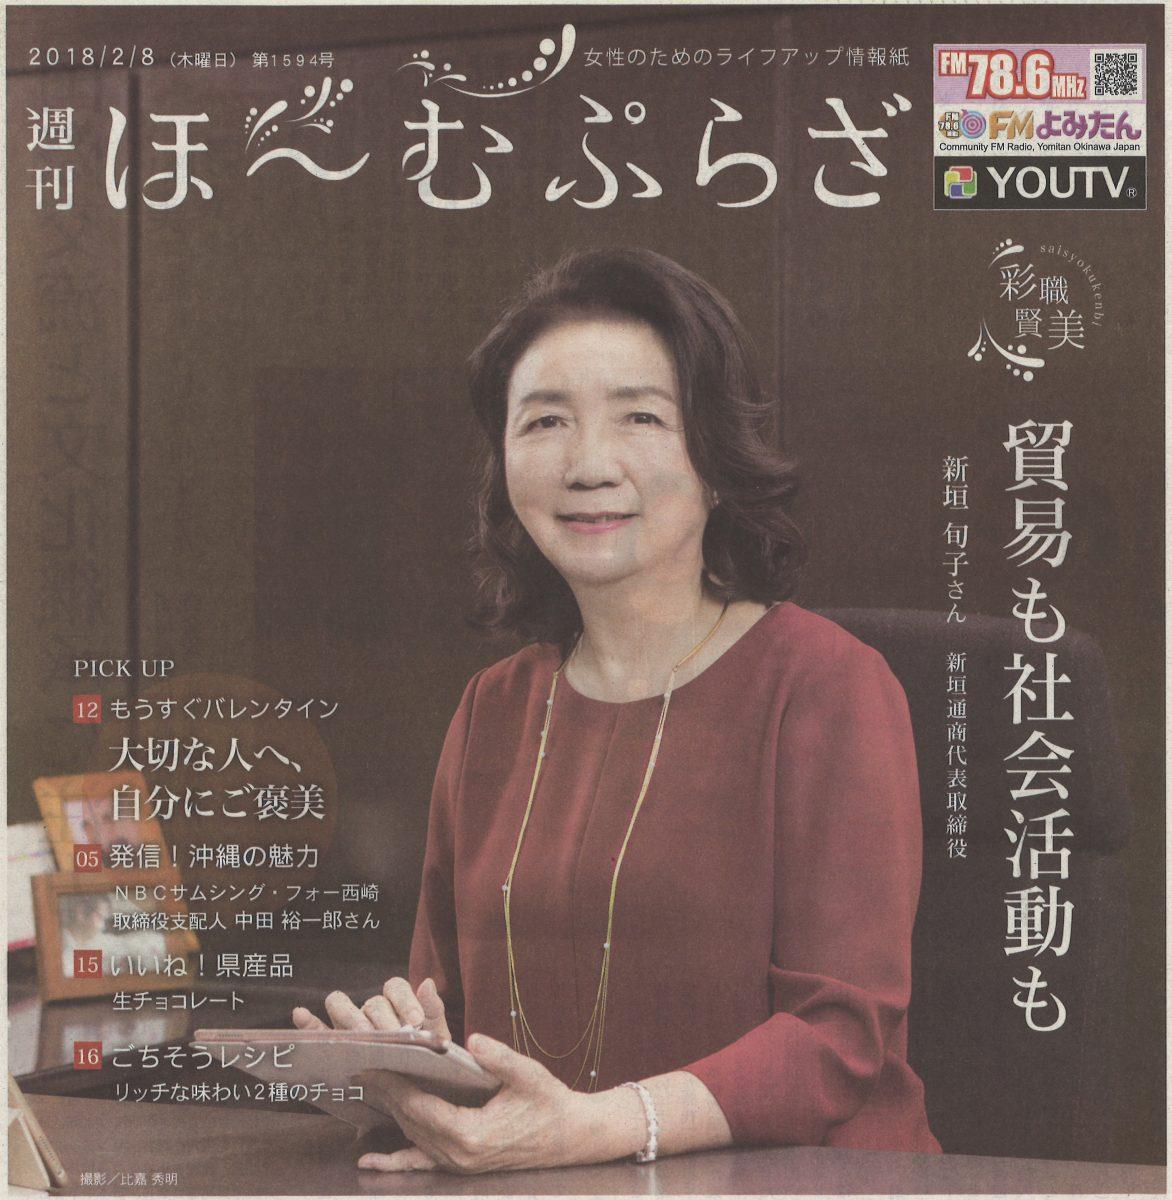 沖縄タイムス副読紙に掲載いただきました。/『週刊ほ~むぷらざ』2018.02.08